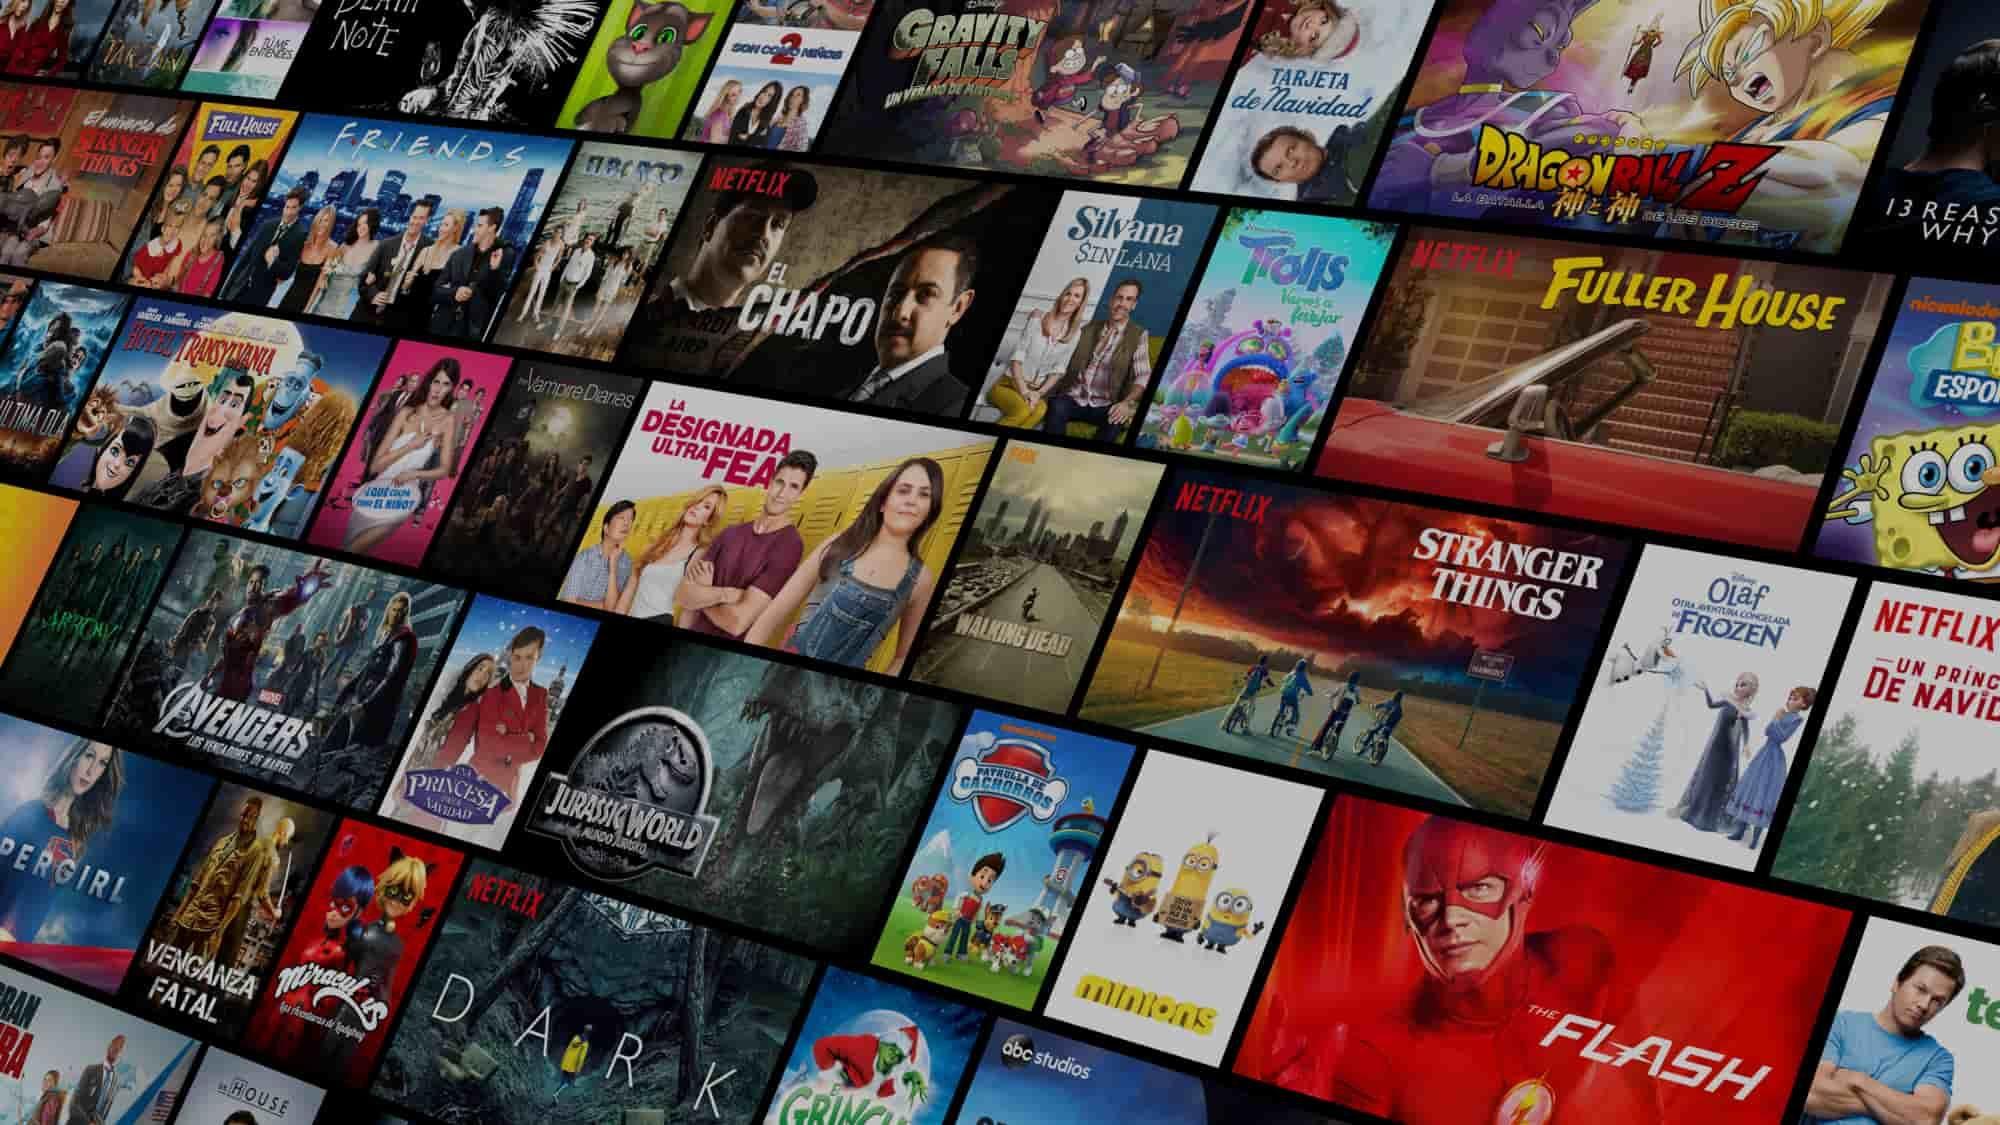 Los mejores reproductores para ver películas en Mac